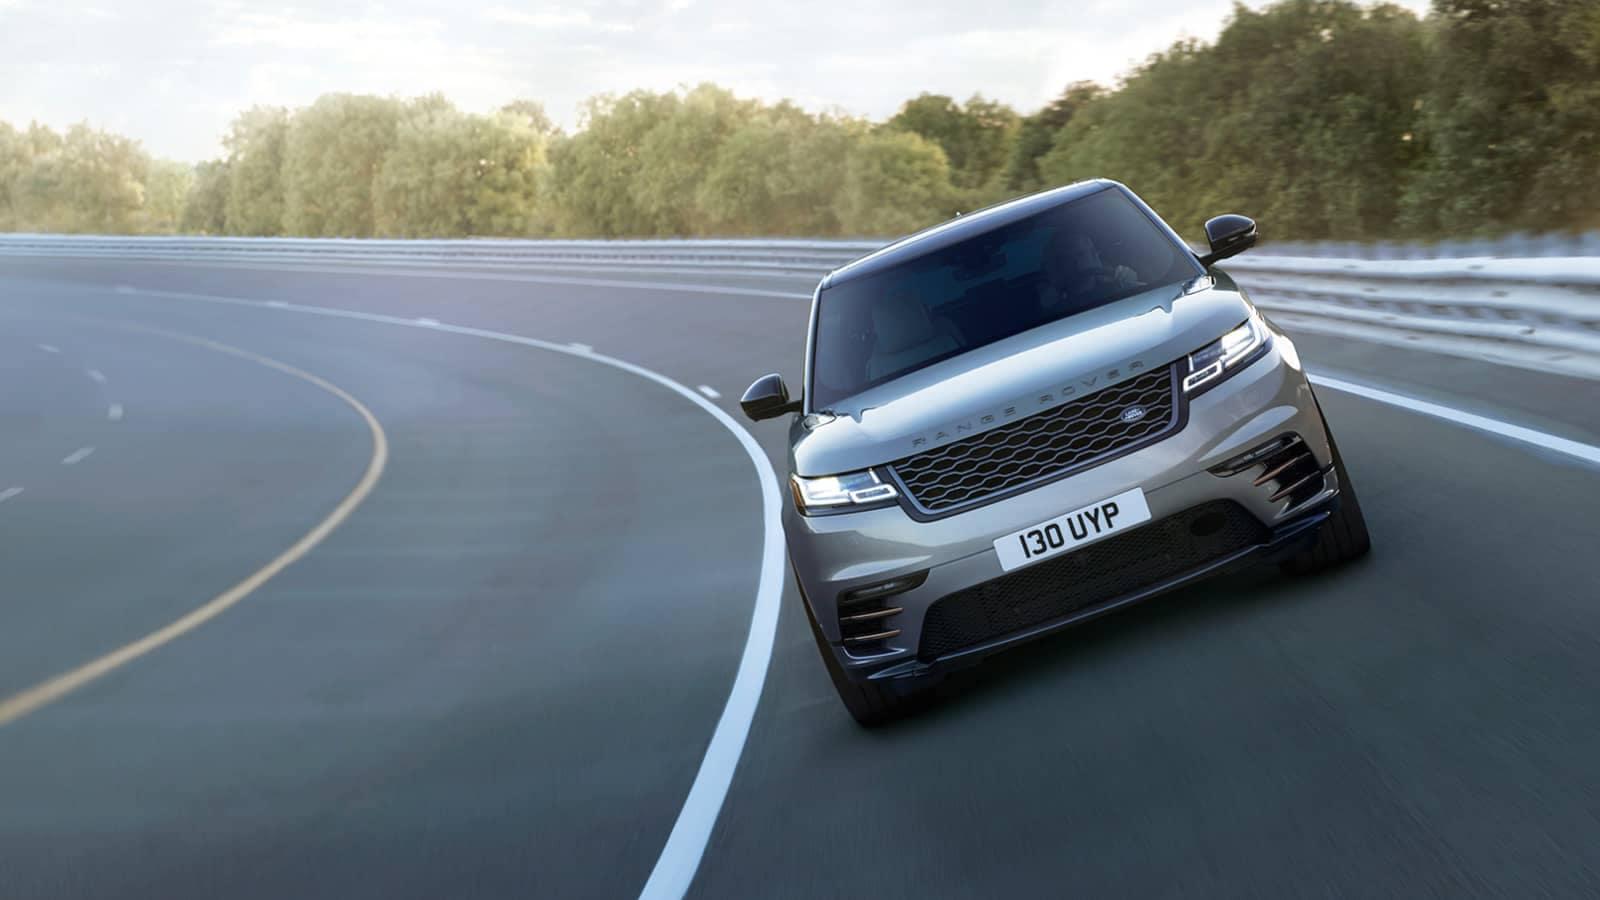 2019 Land Rover Range Rover Velar performance